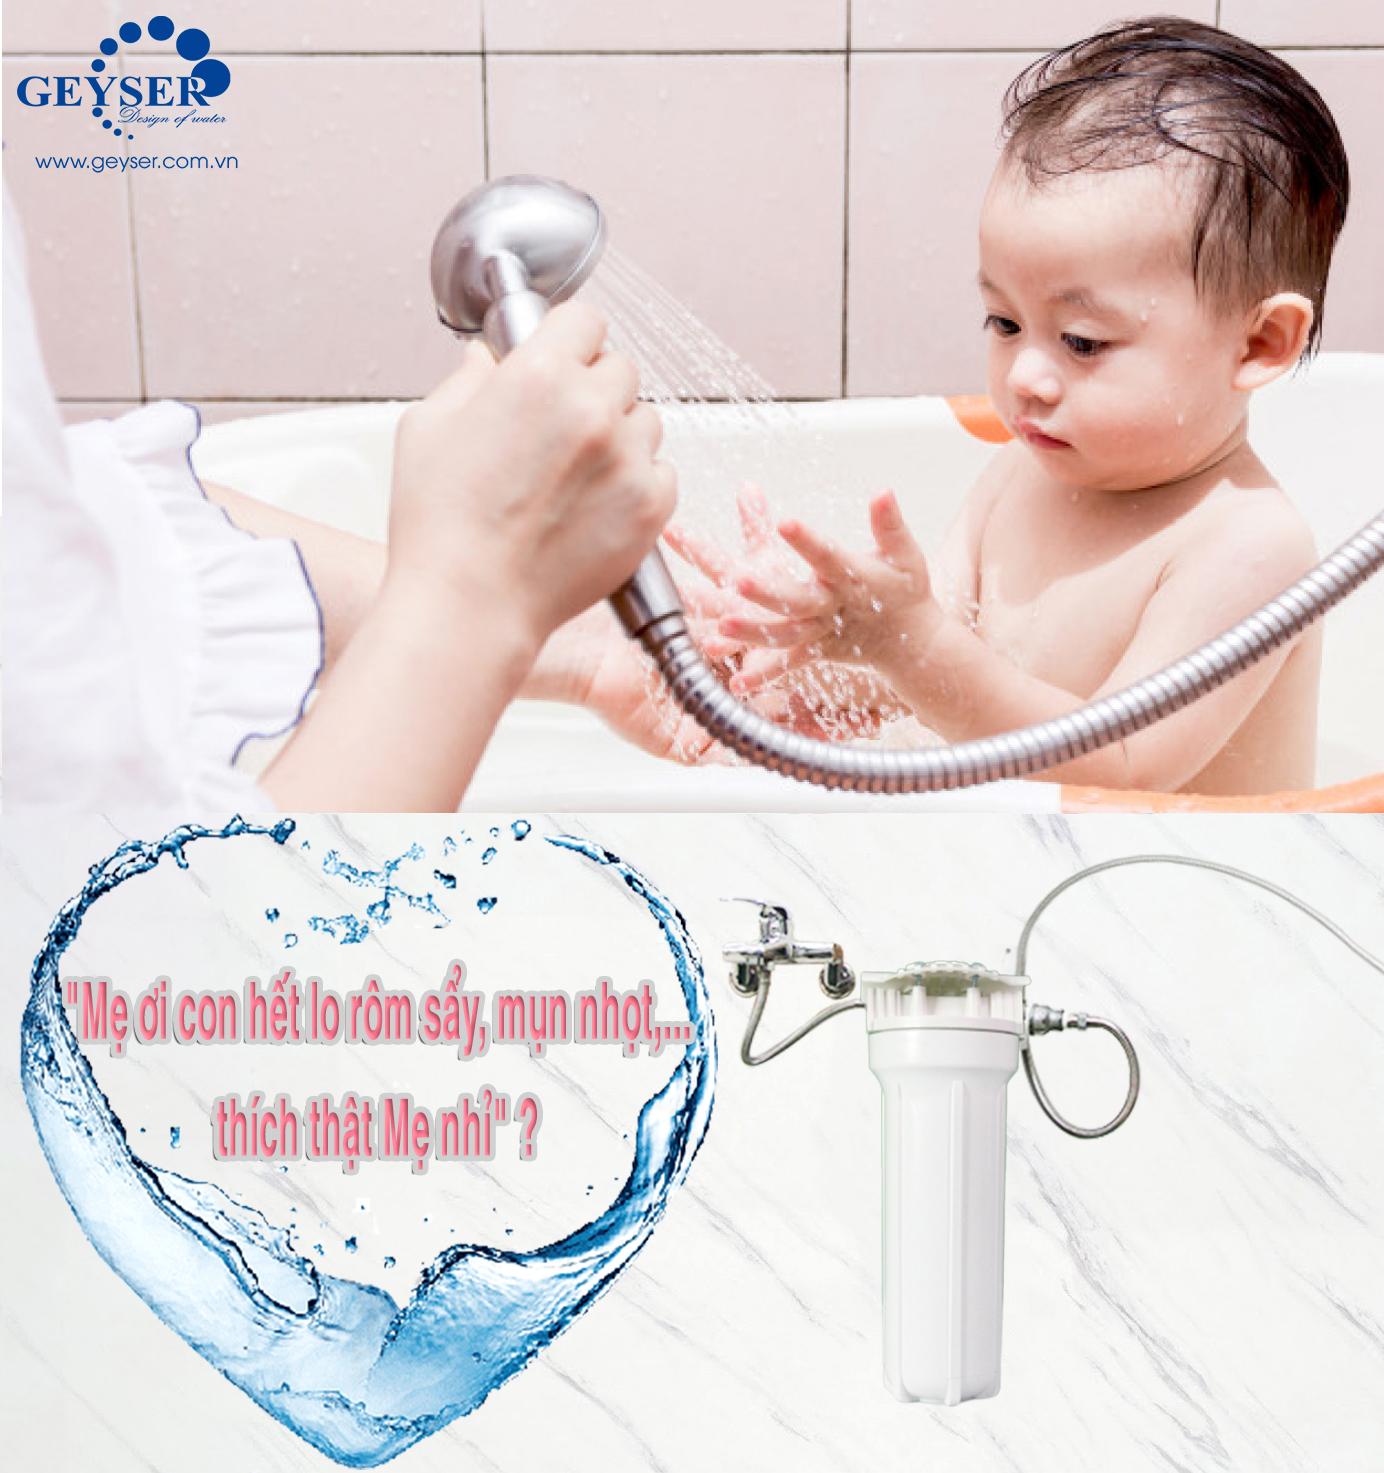 Loại bỏ tạp chất nước tắm